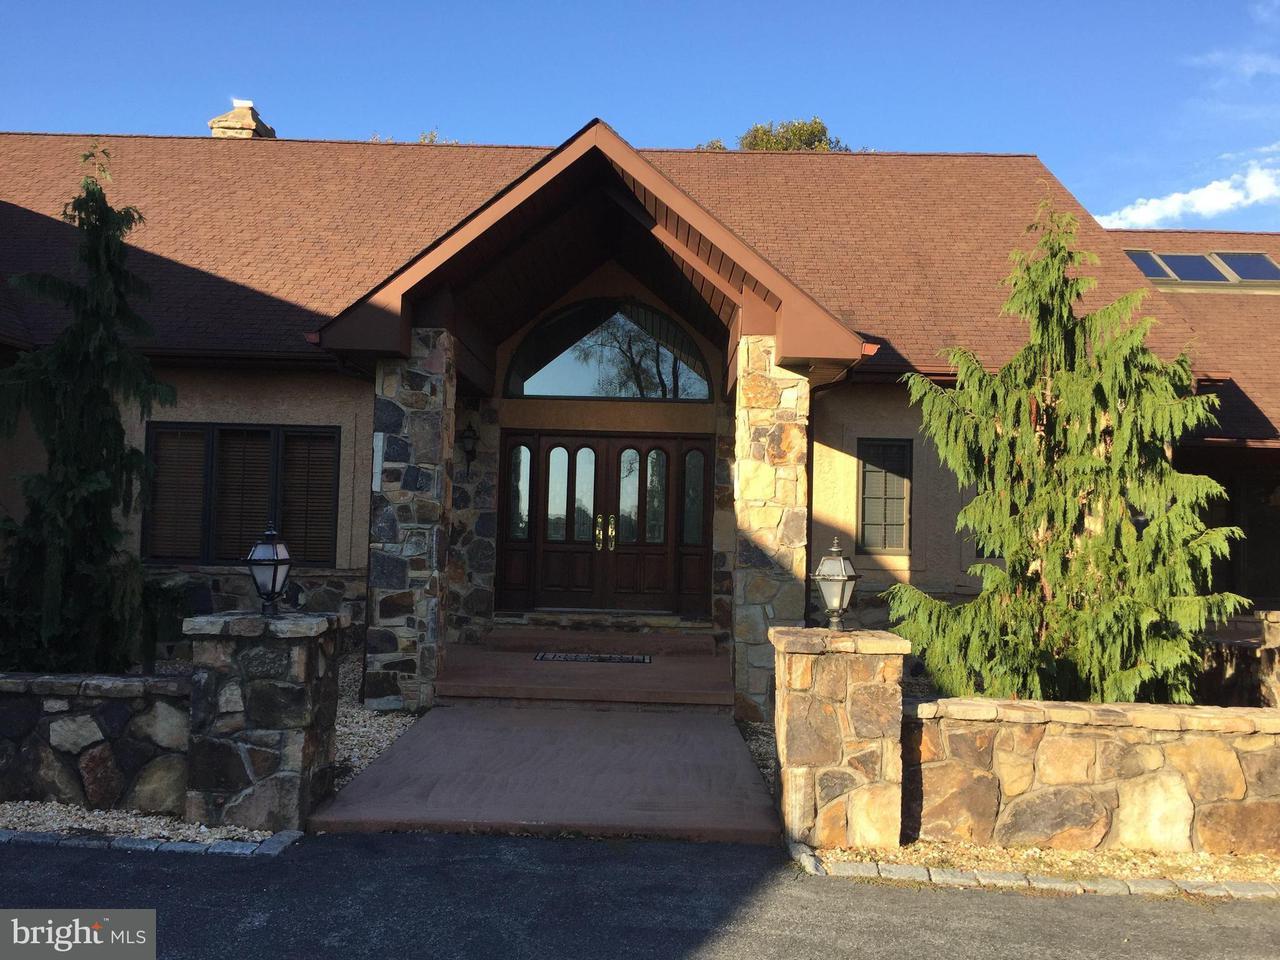 独户住宅 为 销售 在 88 WELDERS Lane 88 WELDERS Lane Warwick, 马里兰州 21912 美国